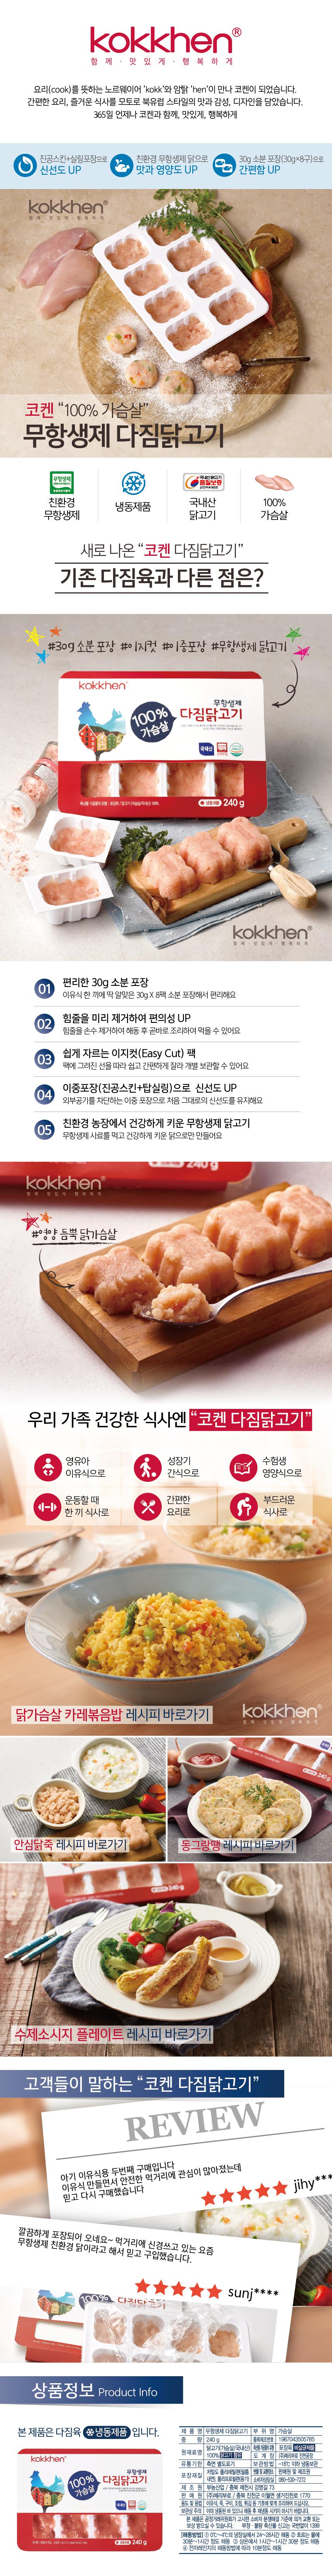 코켄_다짐육_가슴살